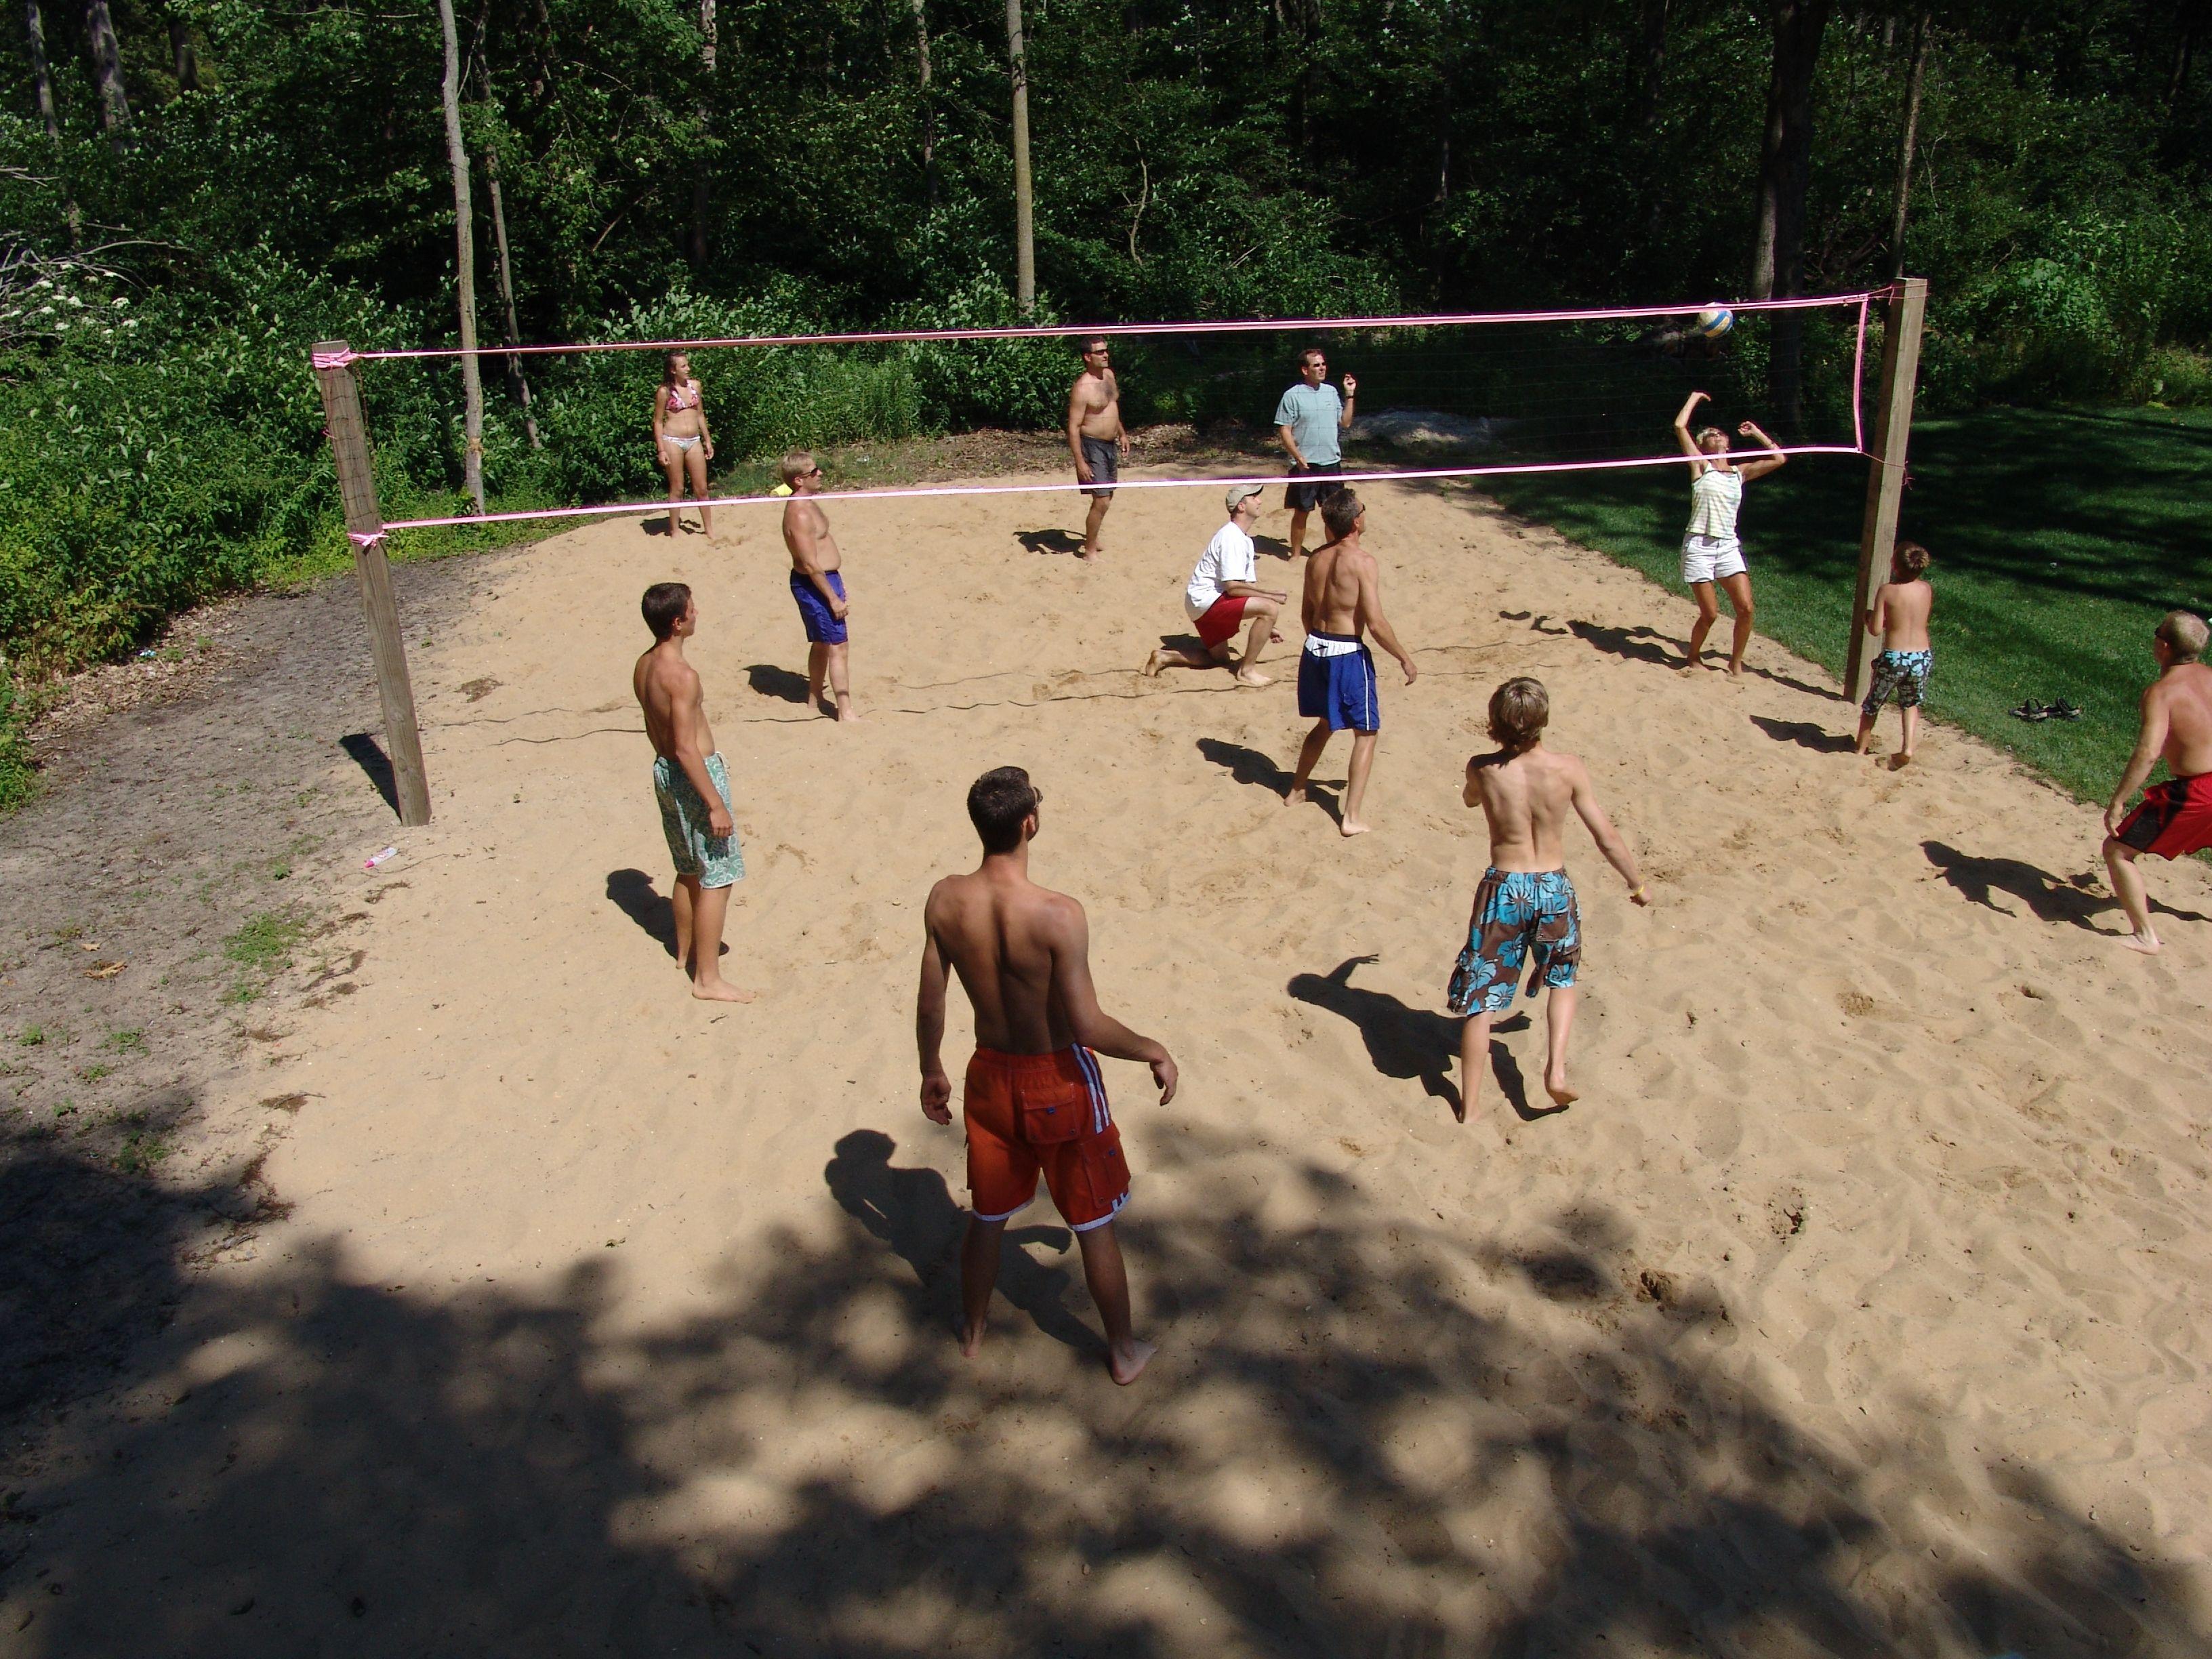 Beach Volleyball Voleibol Volei Volei De Praia